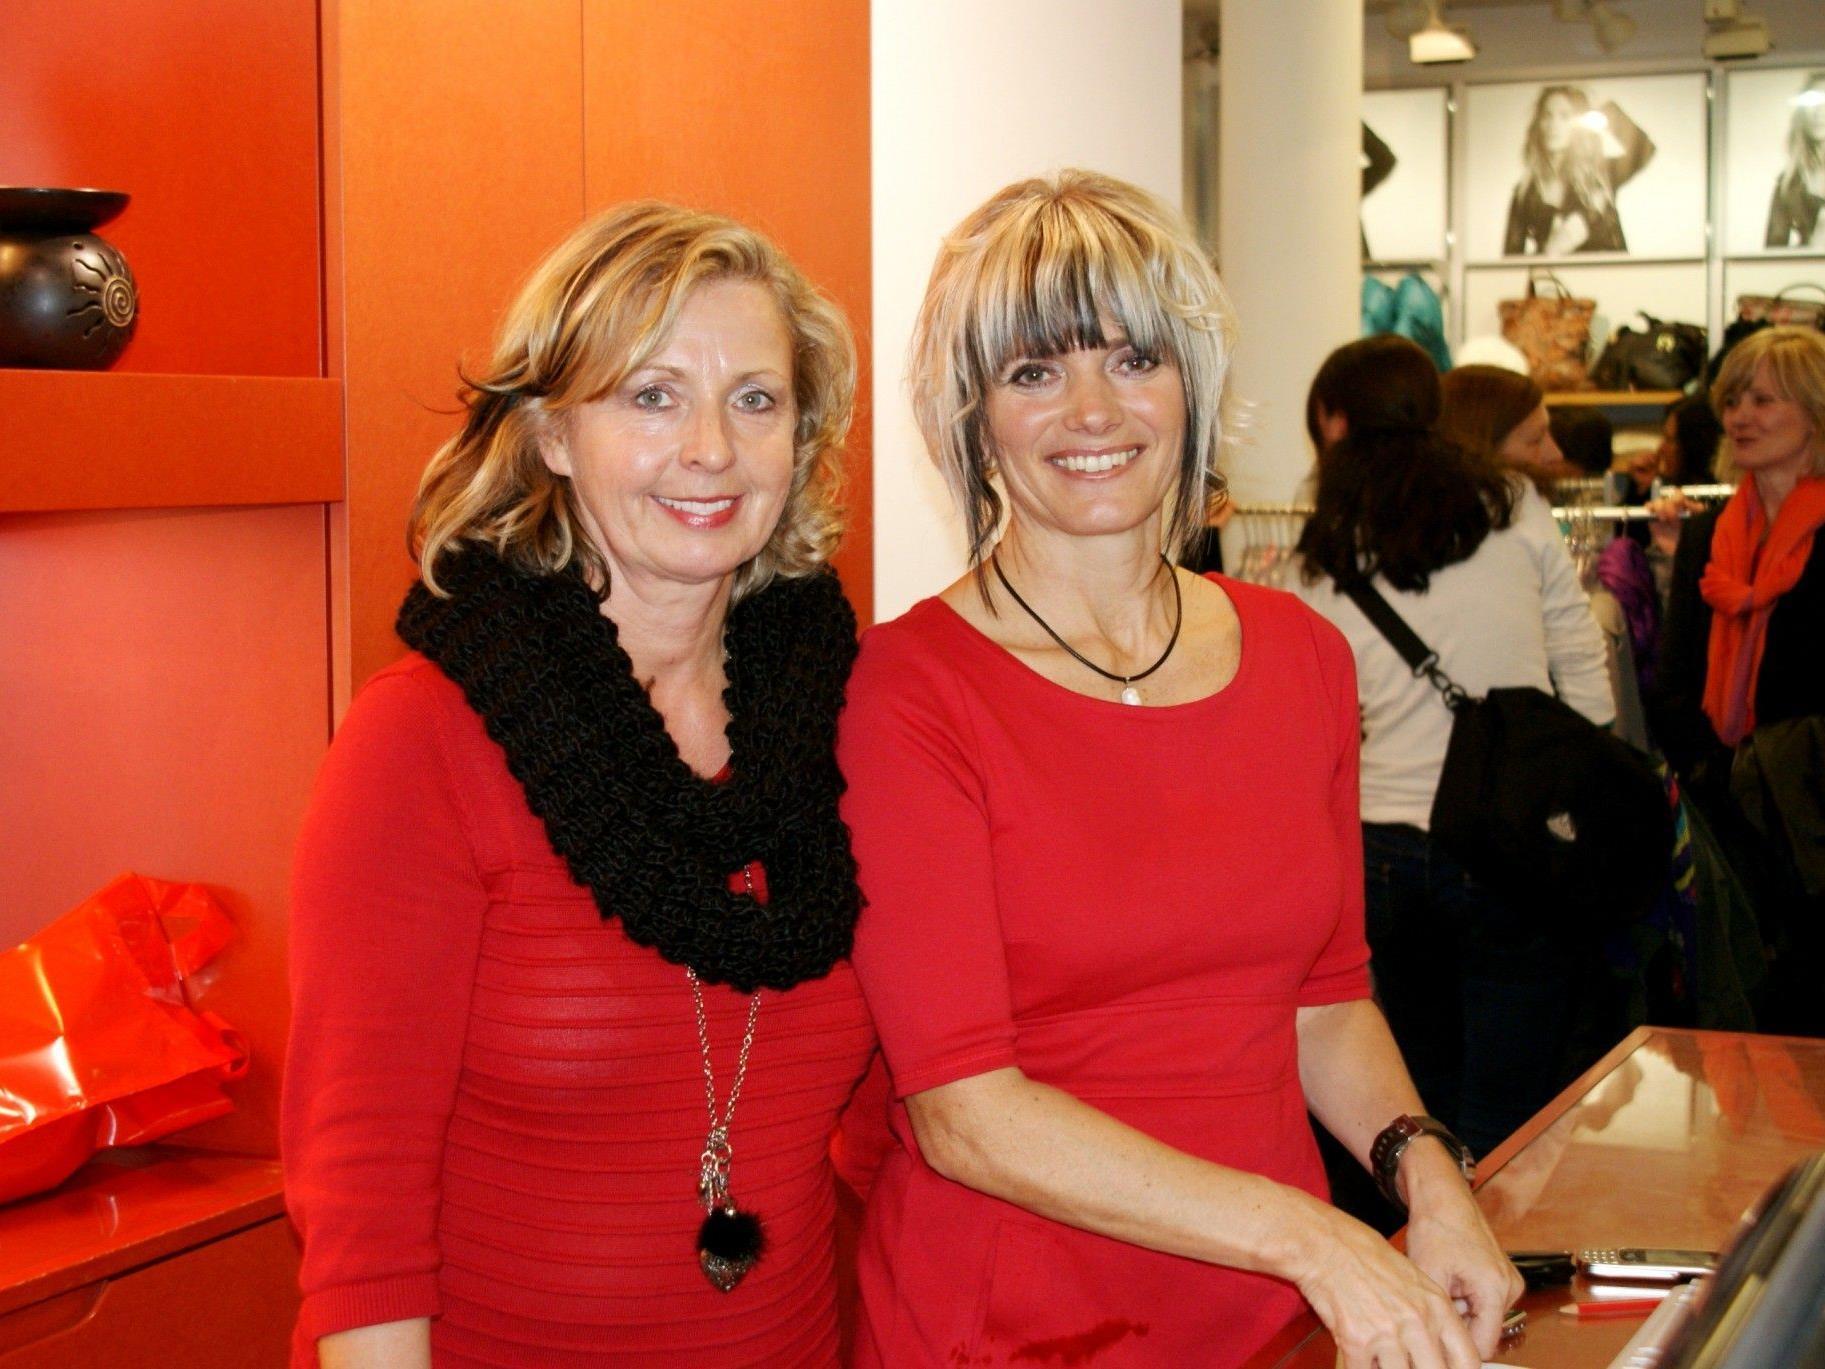 Hilde und Edith im Modefieber